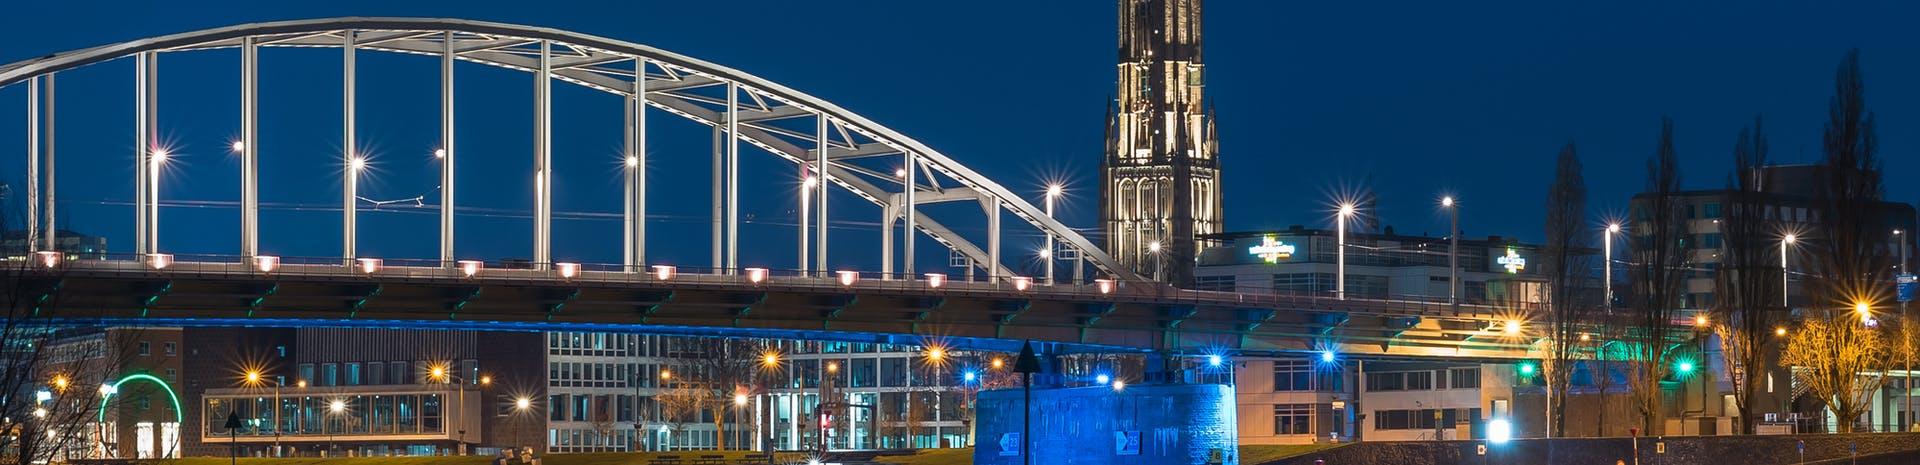 Picture of Arnhem